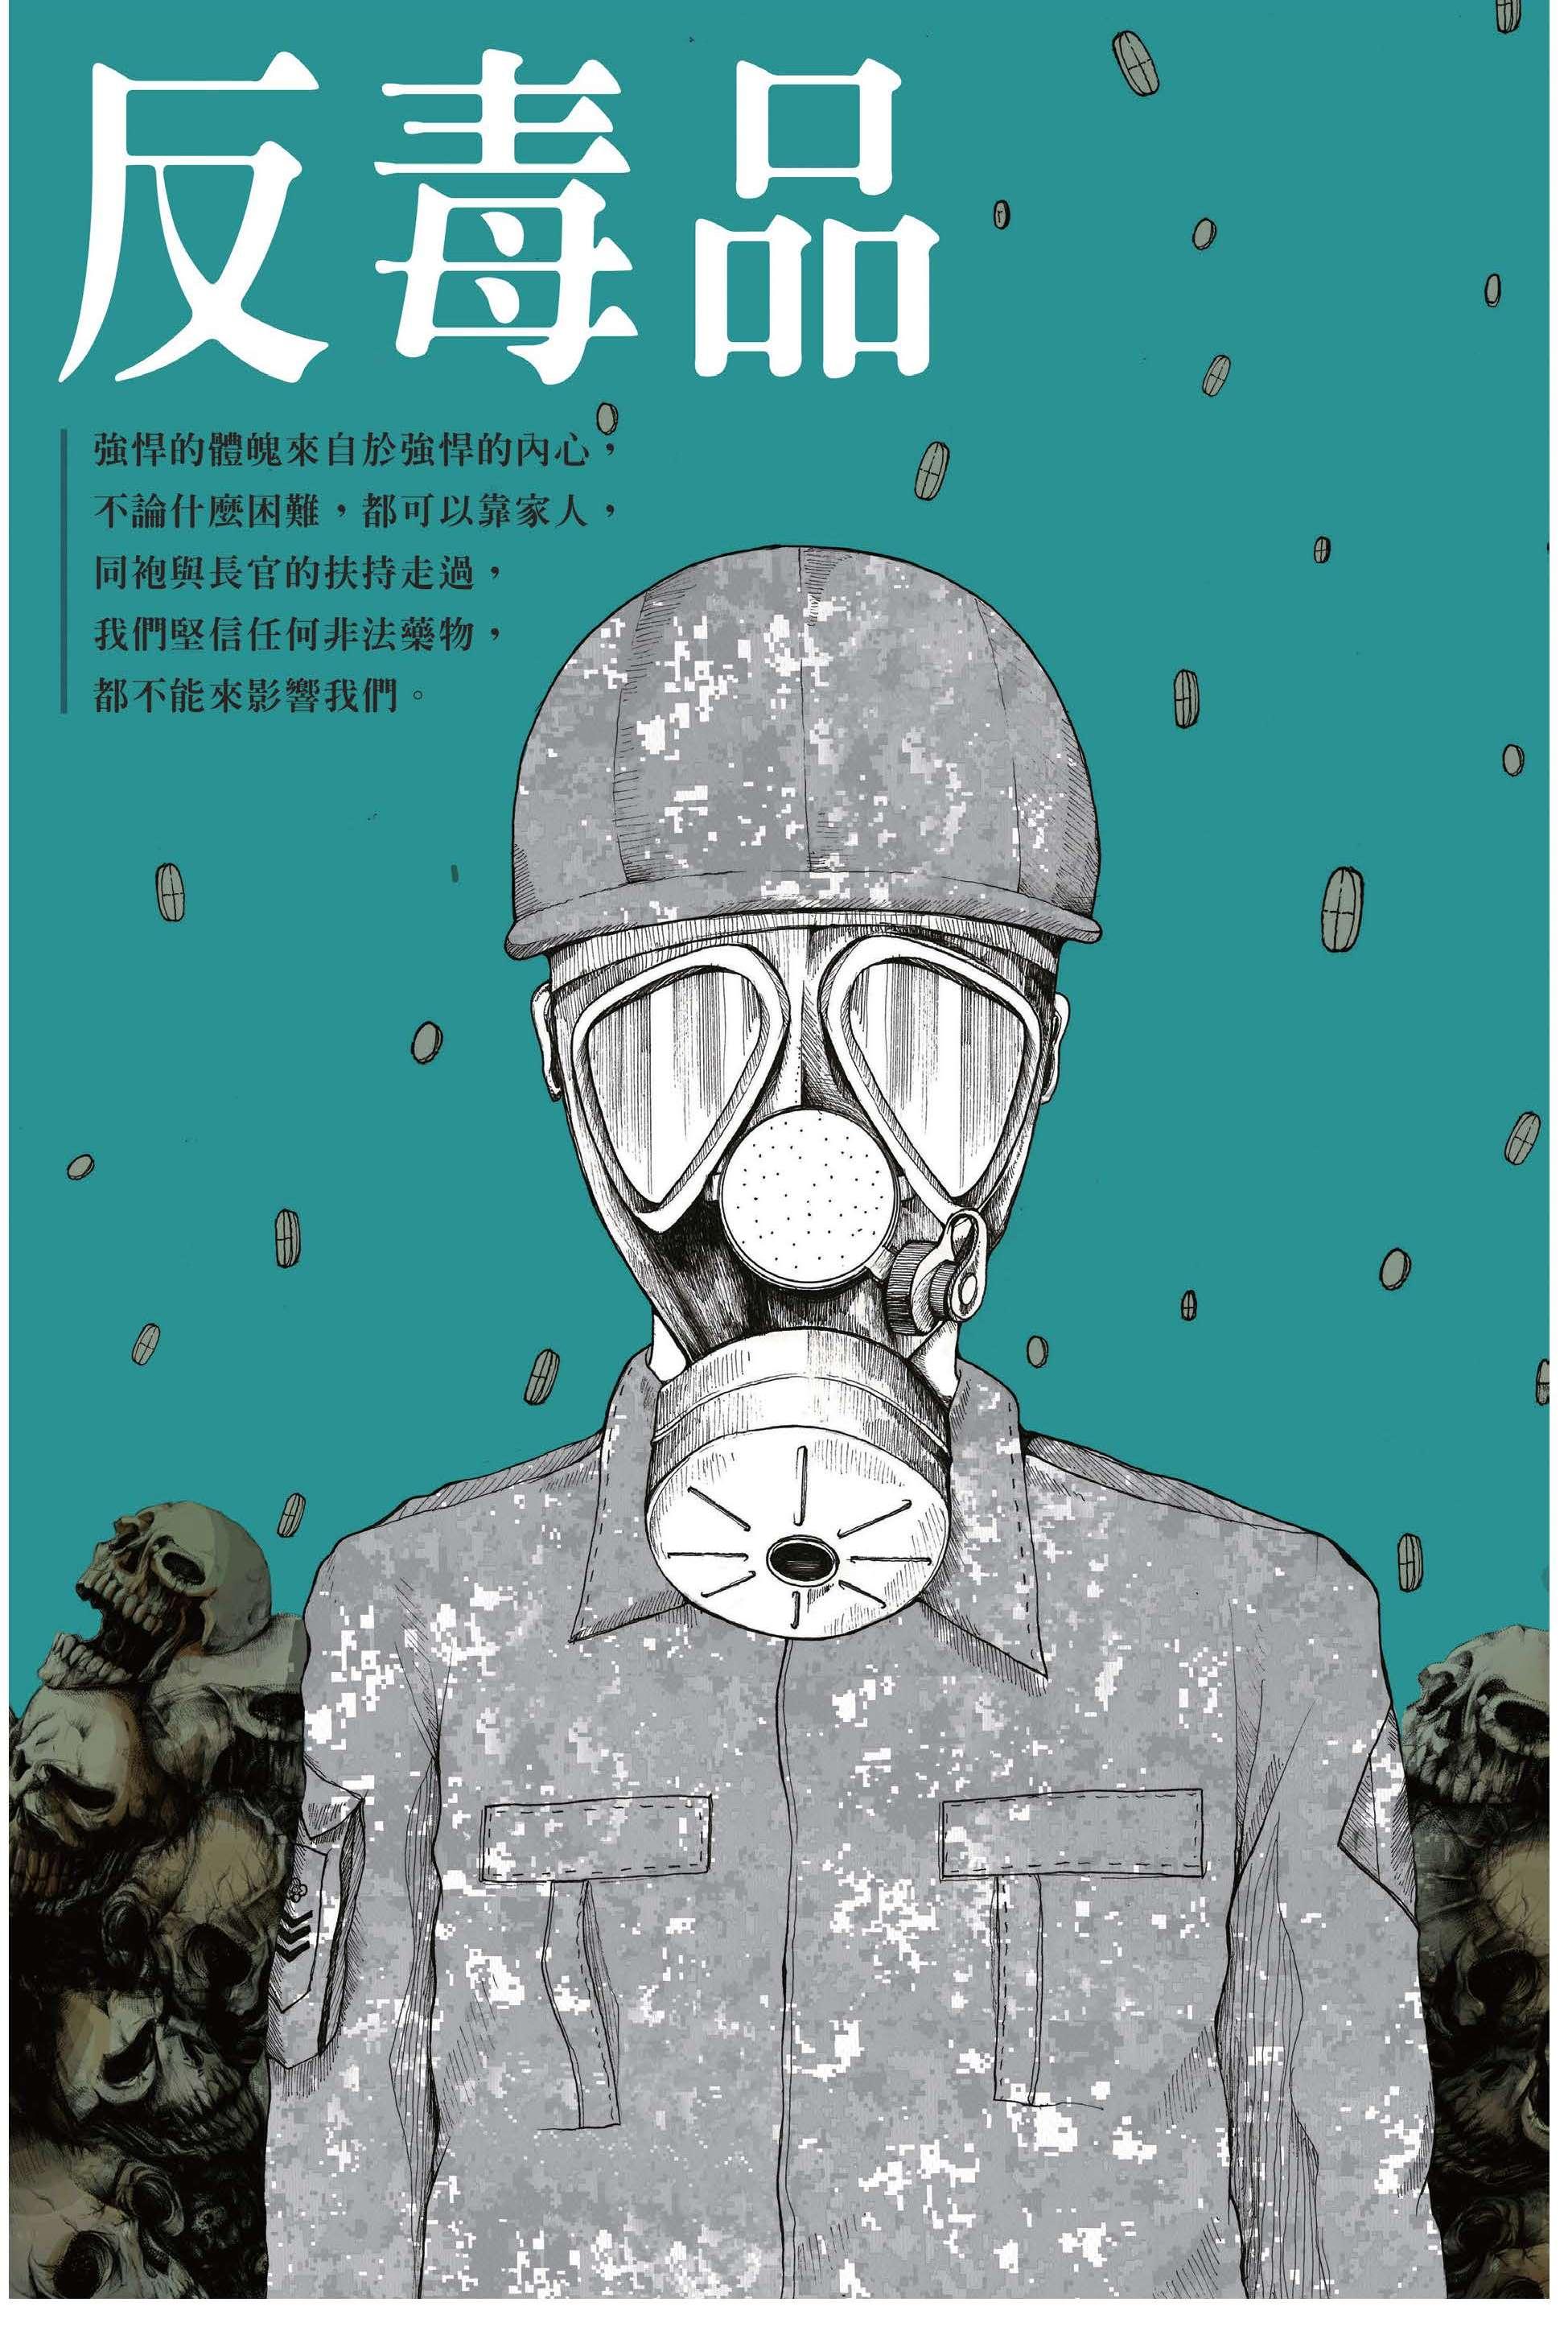 51屆漫畫項國軍組銅像獎_蛻07.jpg